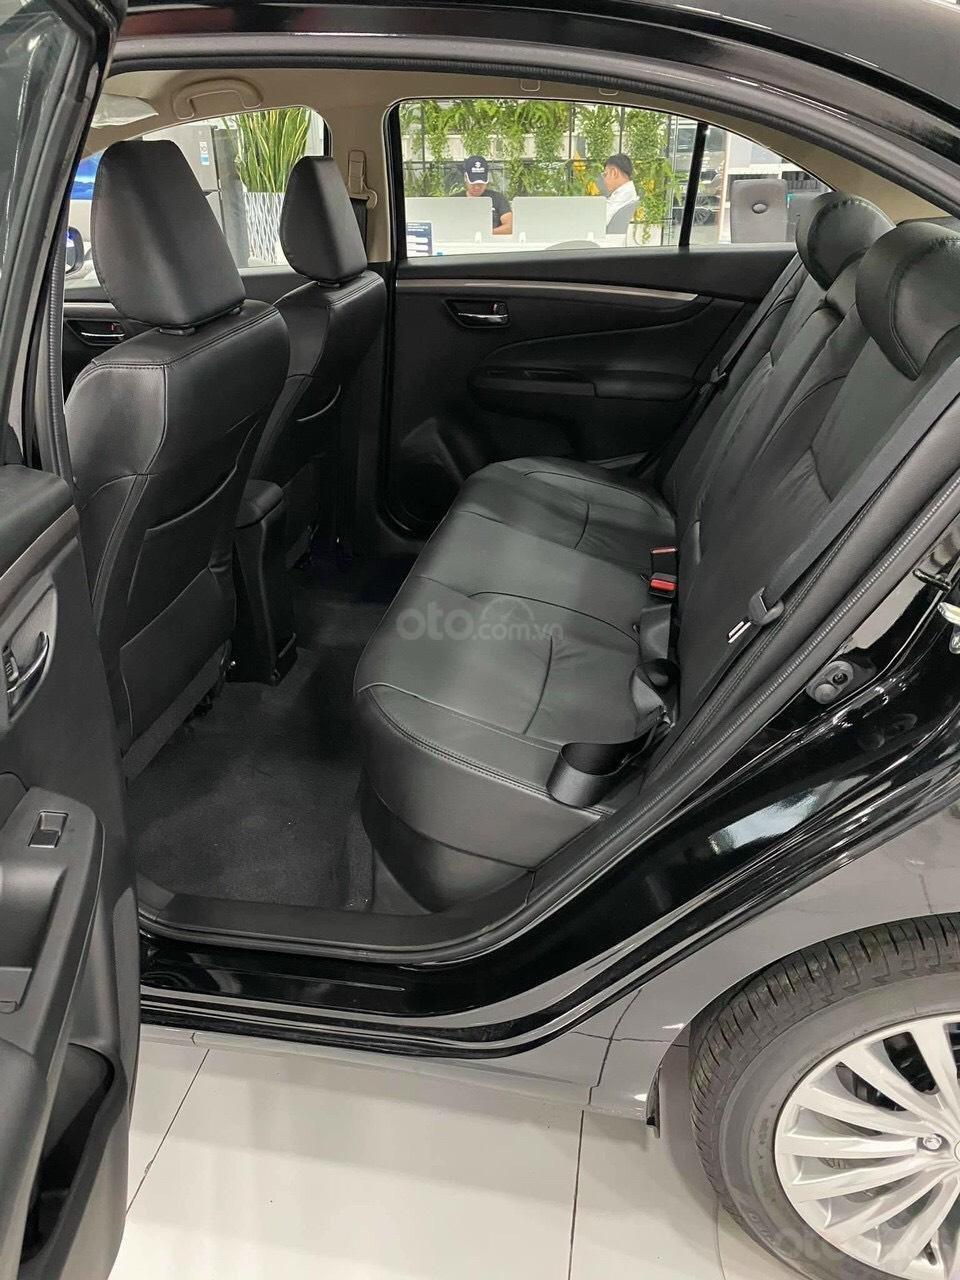 Suzuki Ciaz 2021 giá tốt nhất miền Nam - ưu đãi tiền mặt 35tr - Hỗ trợ giảm 50% thuế trước bạ (10)